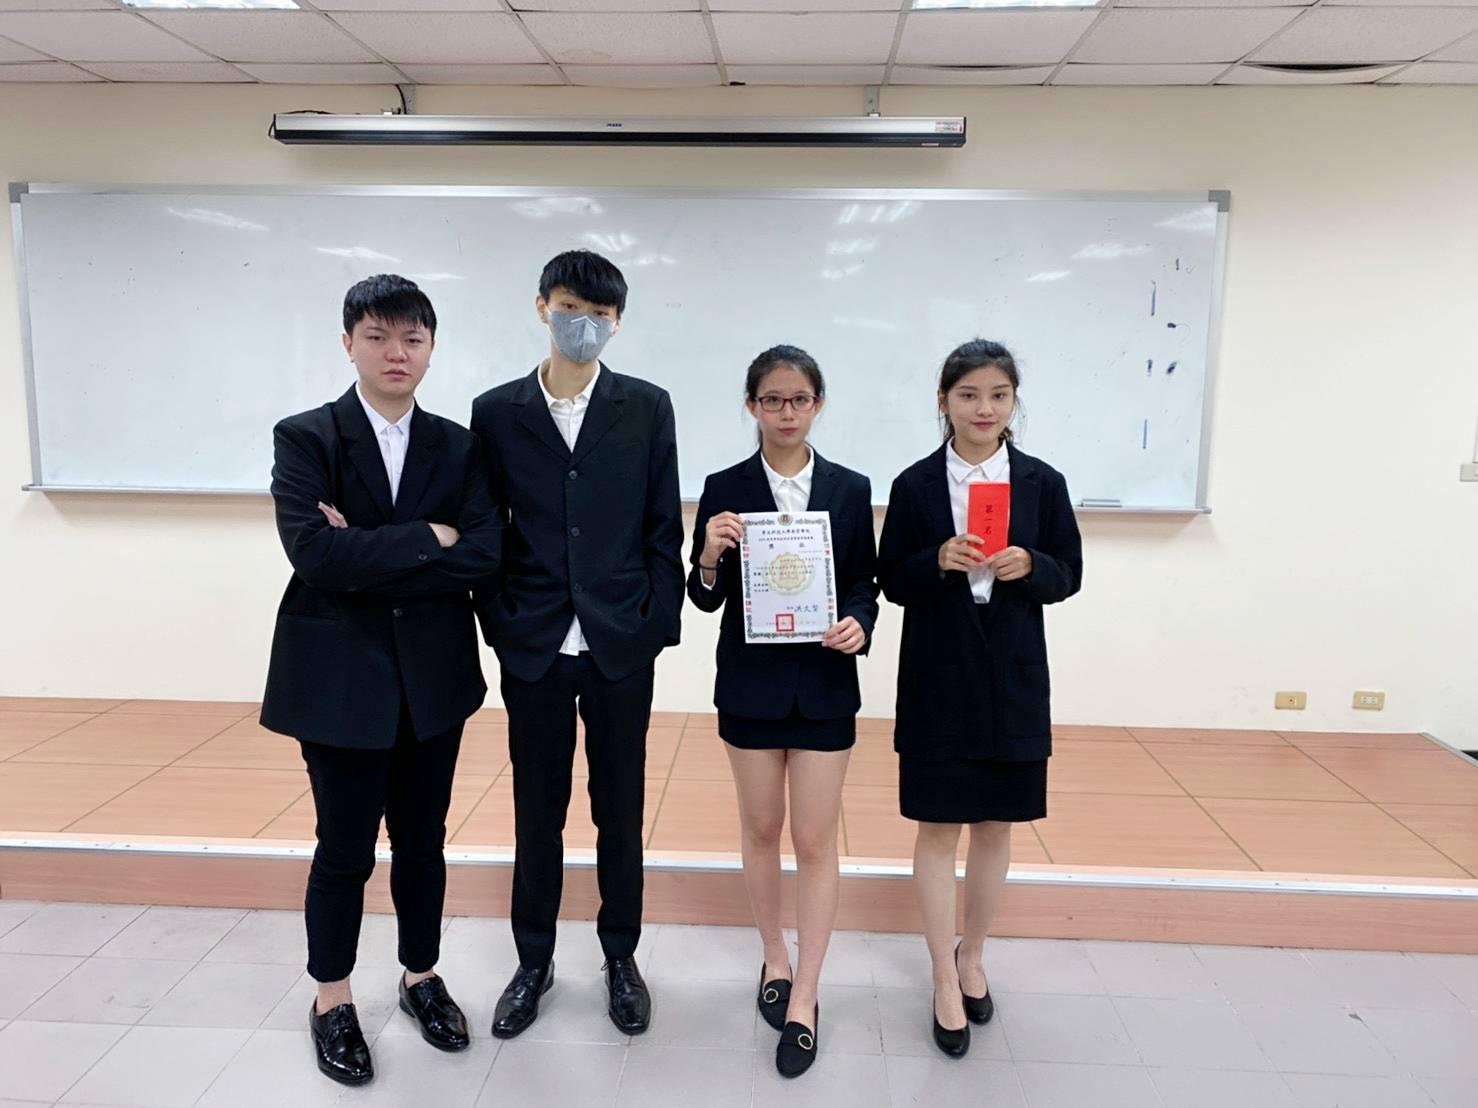 💓第二屆景文科技大學商管學院創新創業實務專題競賽 第一名參賽心得💓